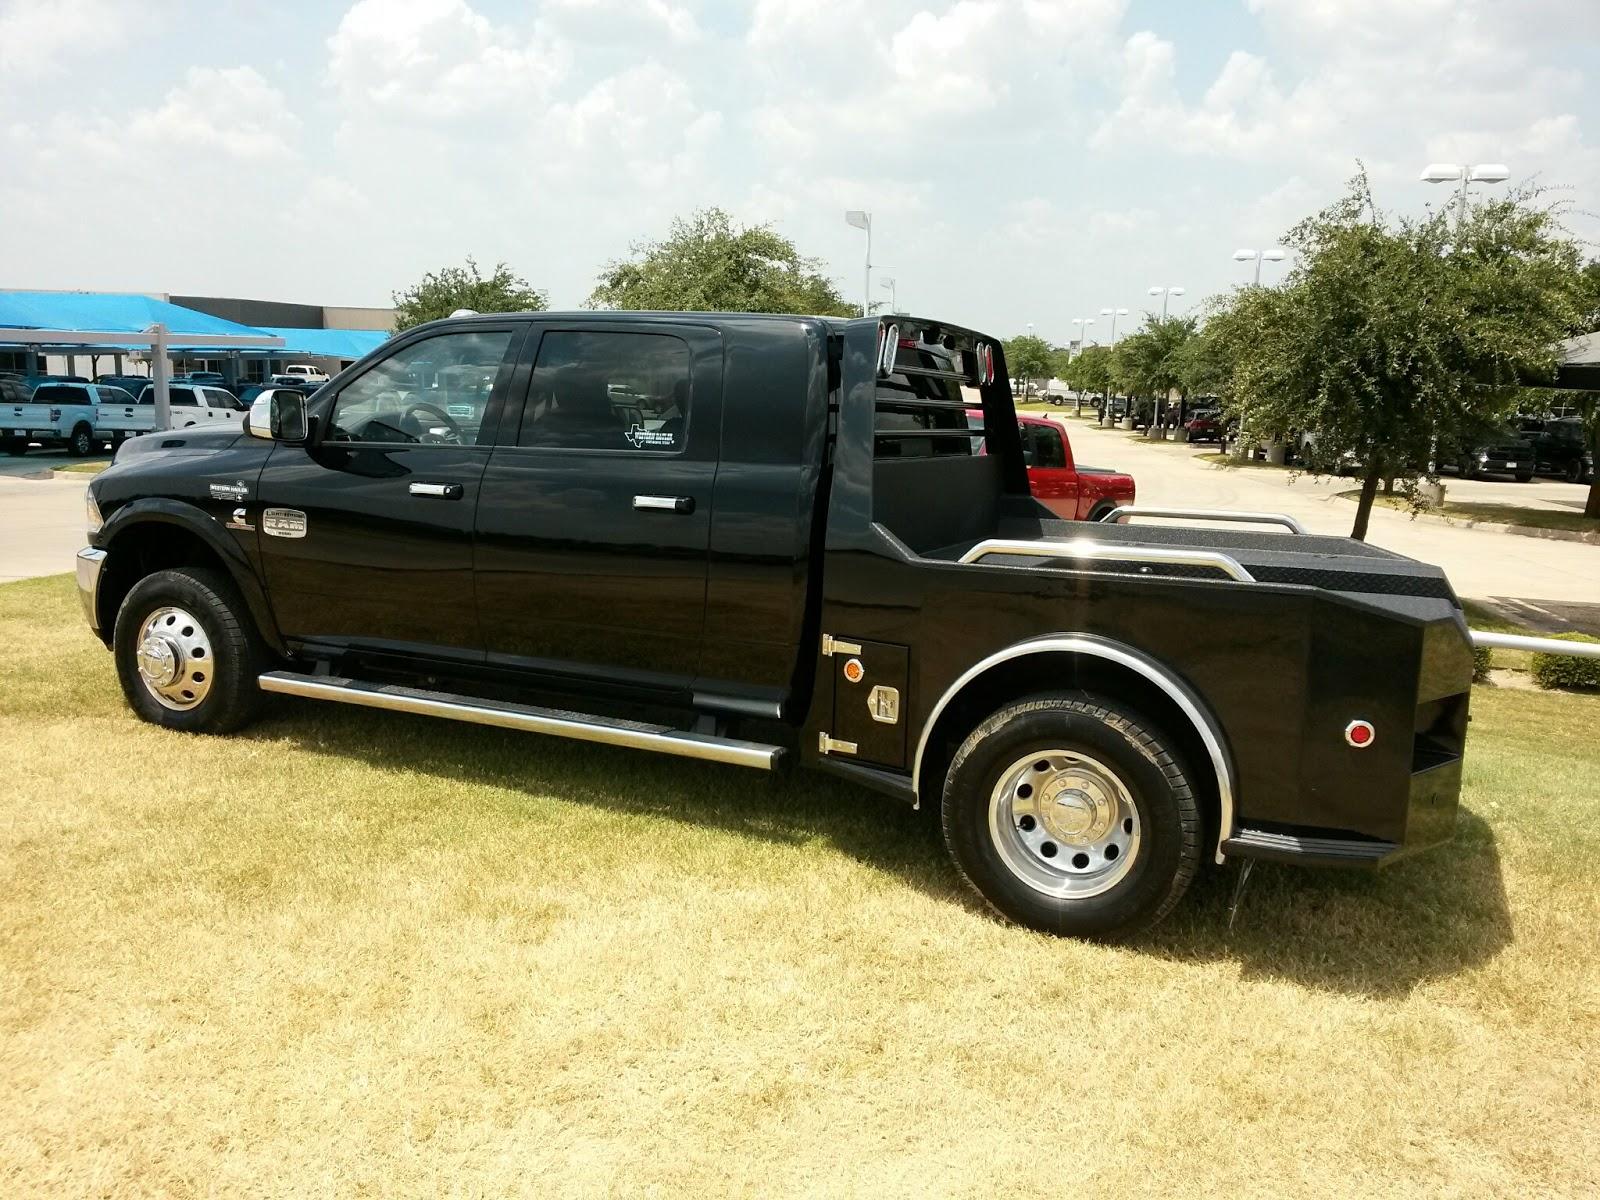 New Black 2015 Ram 3500 Laramie Longhorn Mega Cab 4x4 ...